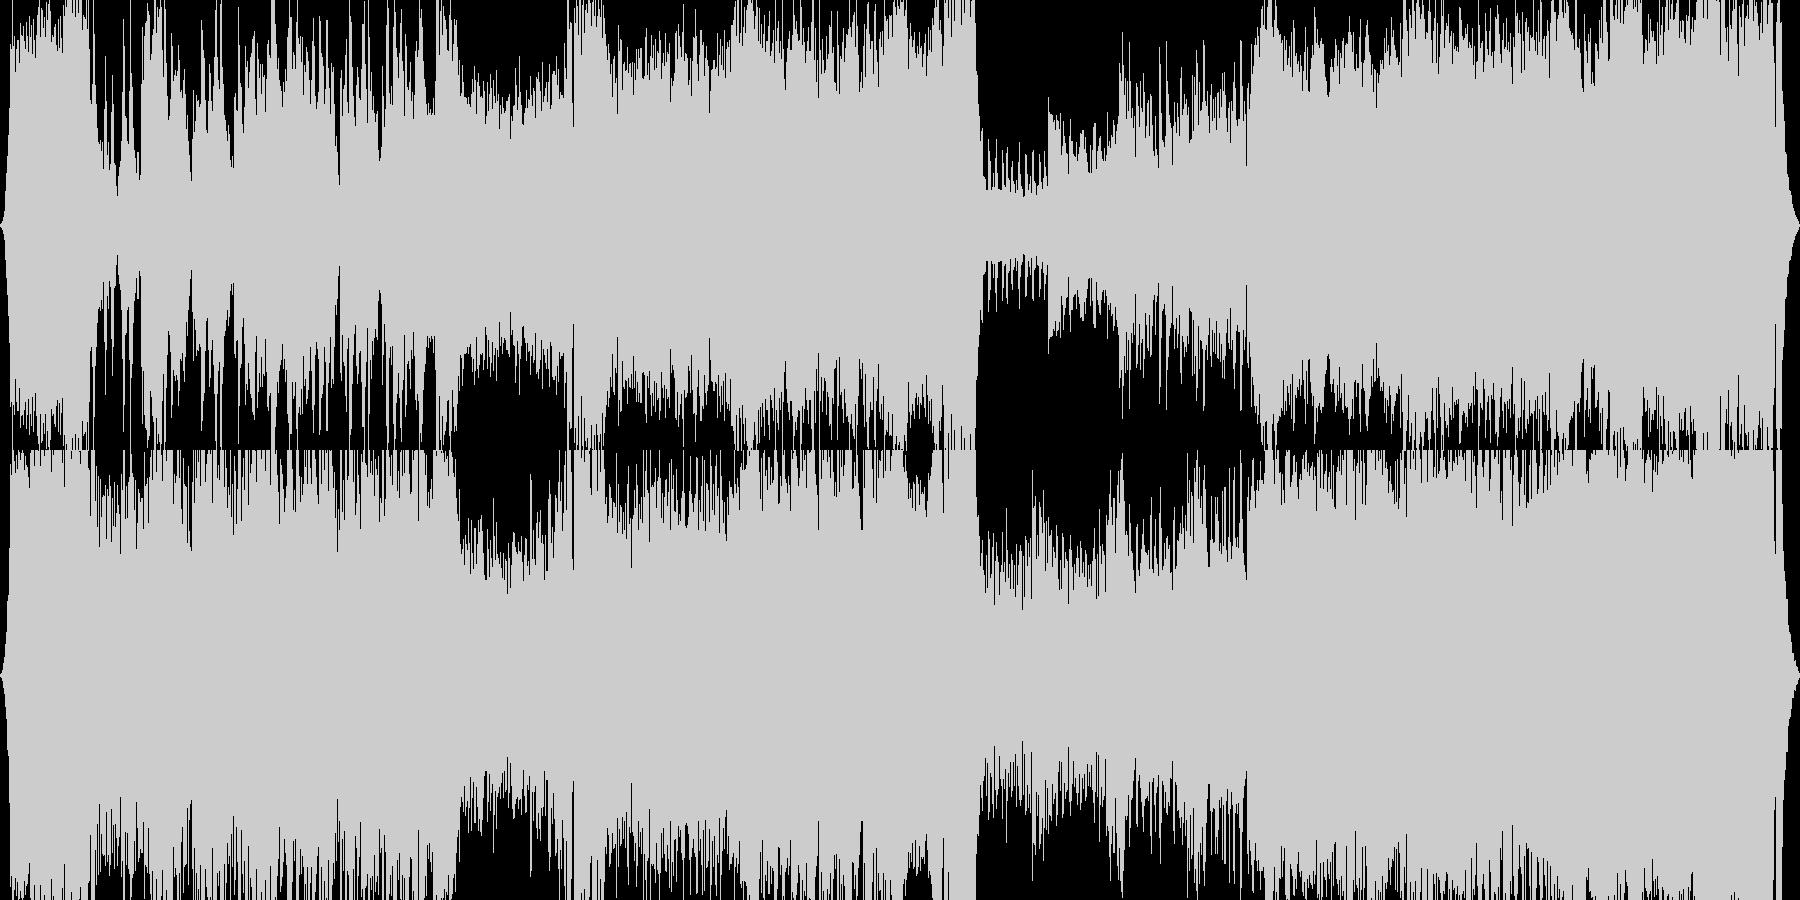 【吹奏楽オーケストラ】オープニングBGMの未再生の波形